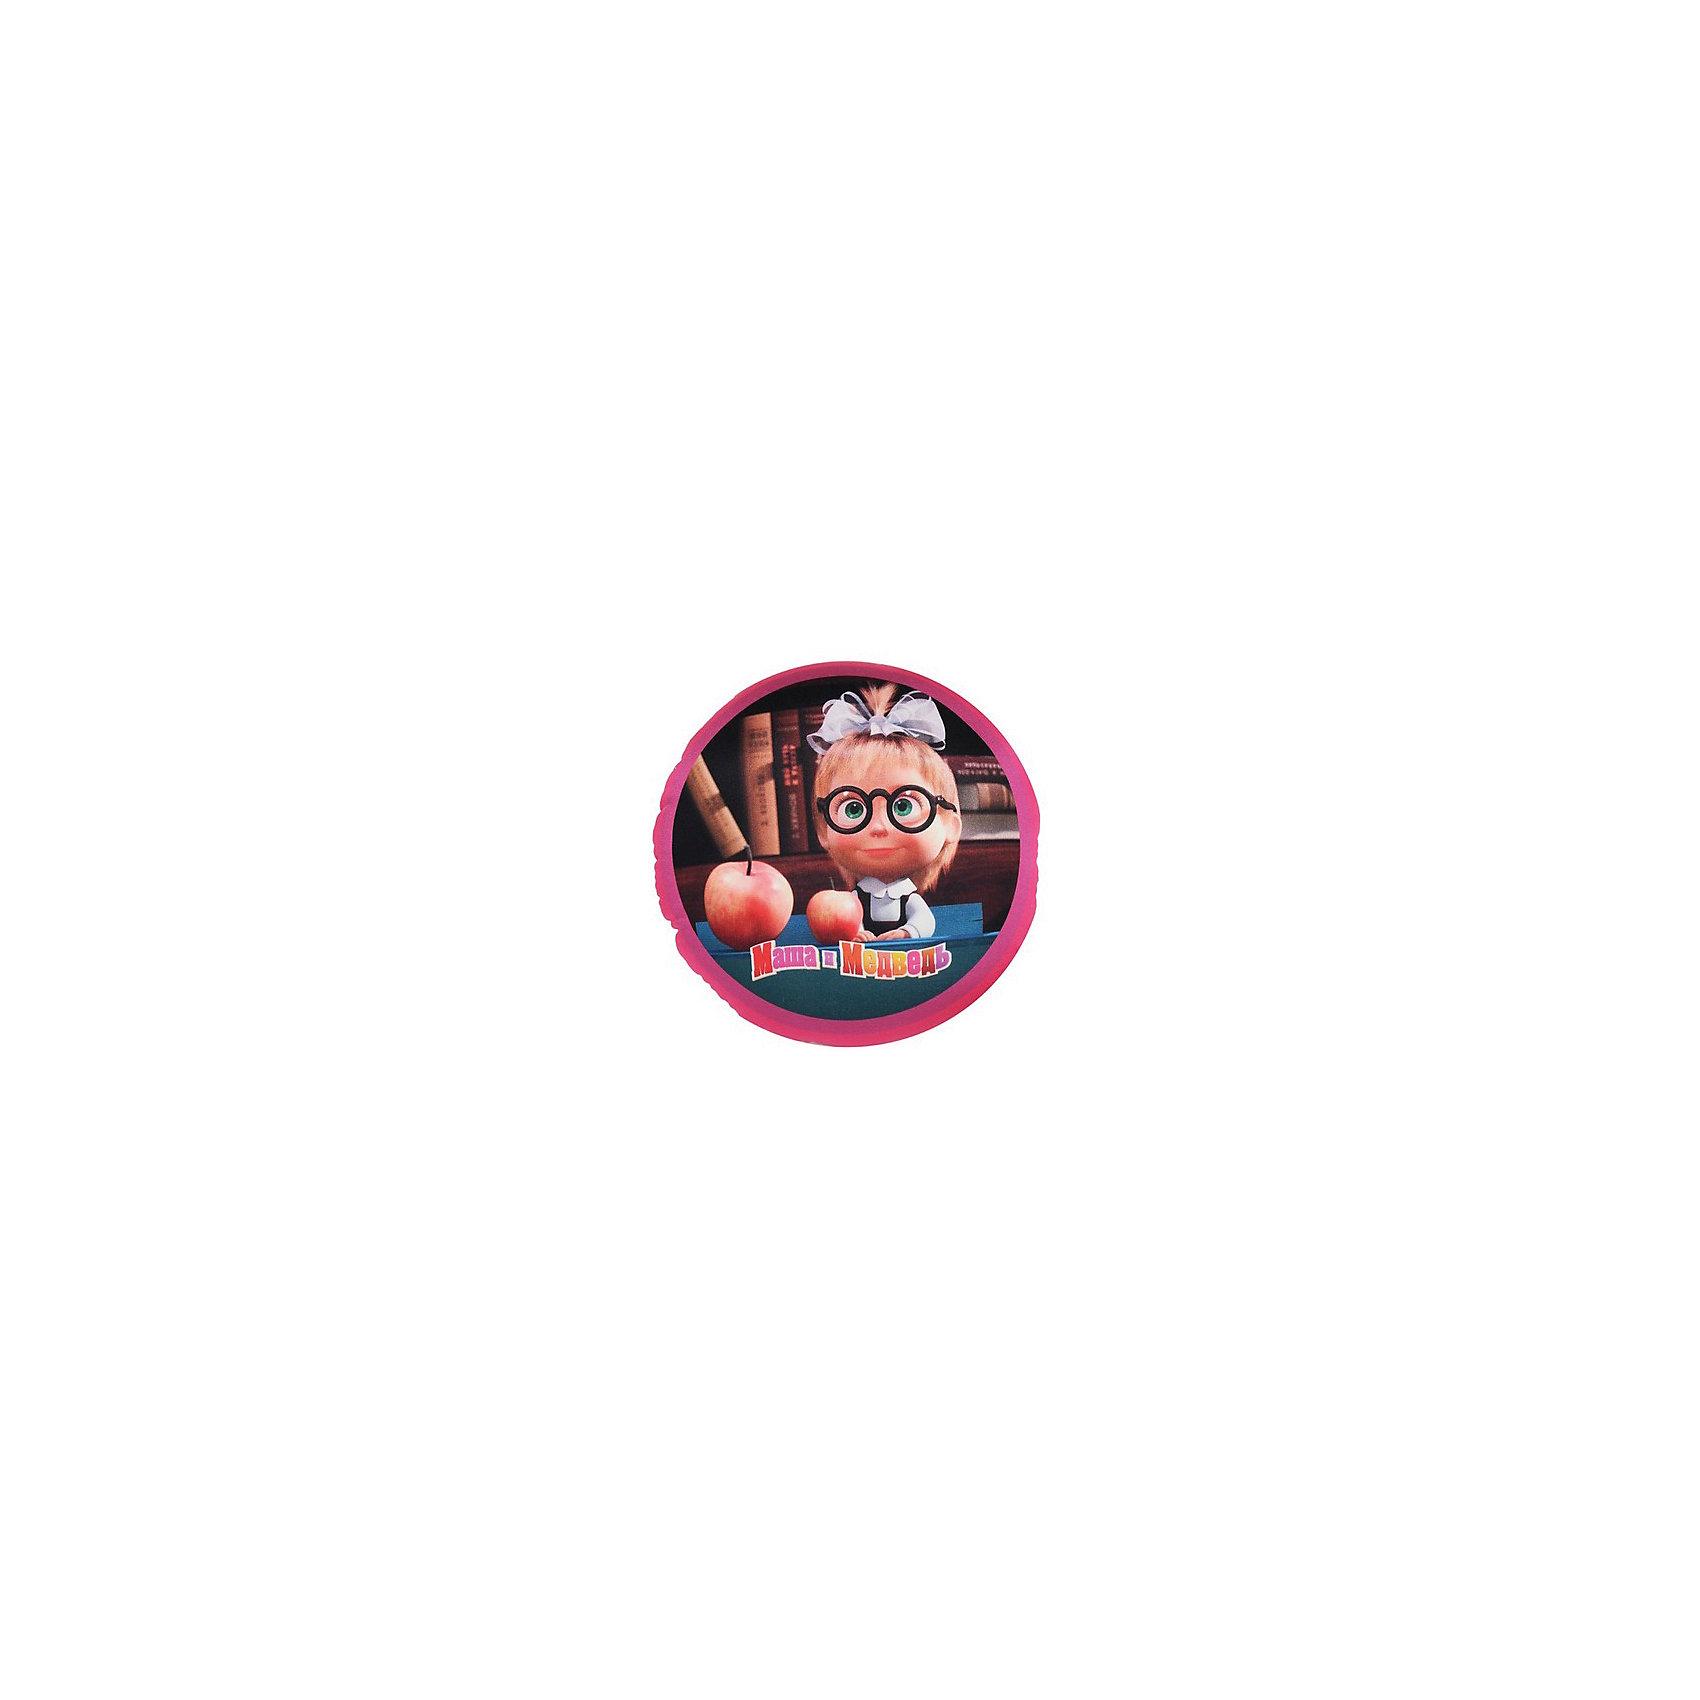 Подушка антистресс арт. 2601/10, Small Toys, розовыйДомашний текстиль<br>Характеристики товара:<br><br>• цвет: розовый<br>• материал: трикотаж, полистирол<br>• размер: 20х20х5 см<br>• декоративная, успокаивающая<br>• украшена принтом<br>• возраст: от трех лет<br>• страна бренда: Российская Федерация<br>• страна производства: Российская Федерация<br><br>Красивая и качественная подушка может отличным подарком ребенку, тем более, если она украшена изображением любимого персонажа! Она декорирована ярким принтом, поэтому привлечет внимание малыша. Подушка сделана из приятного на ощупь материала и специального наполнителя - гранул полистирола, которые приятно пересыпаются внутри неё.<br>Такое изделие сможет оказывать точечный массаж ладошек, развивать моторику и отвлекать ребенка при необходимости. Подушка выполнена в приятной расцветке. Швы хорошо проработаны. Изделие произведено из сертифицированных материалов, безопасных для детей.<br><br>Подушку антистресс арт. 2601/105 от бренда Small Toys можно купить в нашем интернет-магазине.<br><br>Ширина мм: 220<br>Глубина мм: 220<br>Высота мм: 70<br>Вес г: 80<br>Возраст от месяцев: 36<br>Возраст до месяцев: 72<br>Пол: Унисекс<br>Возраст: Детский<br>SKU: 5272900